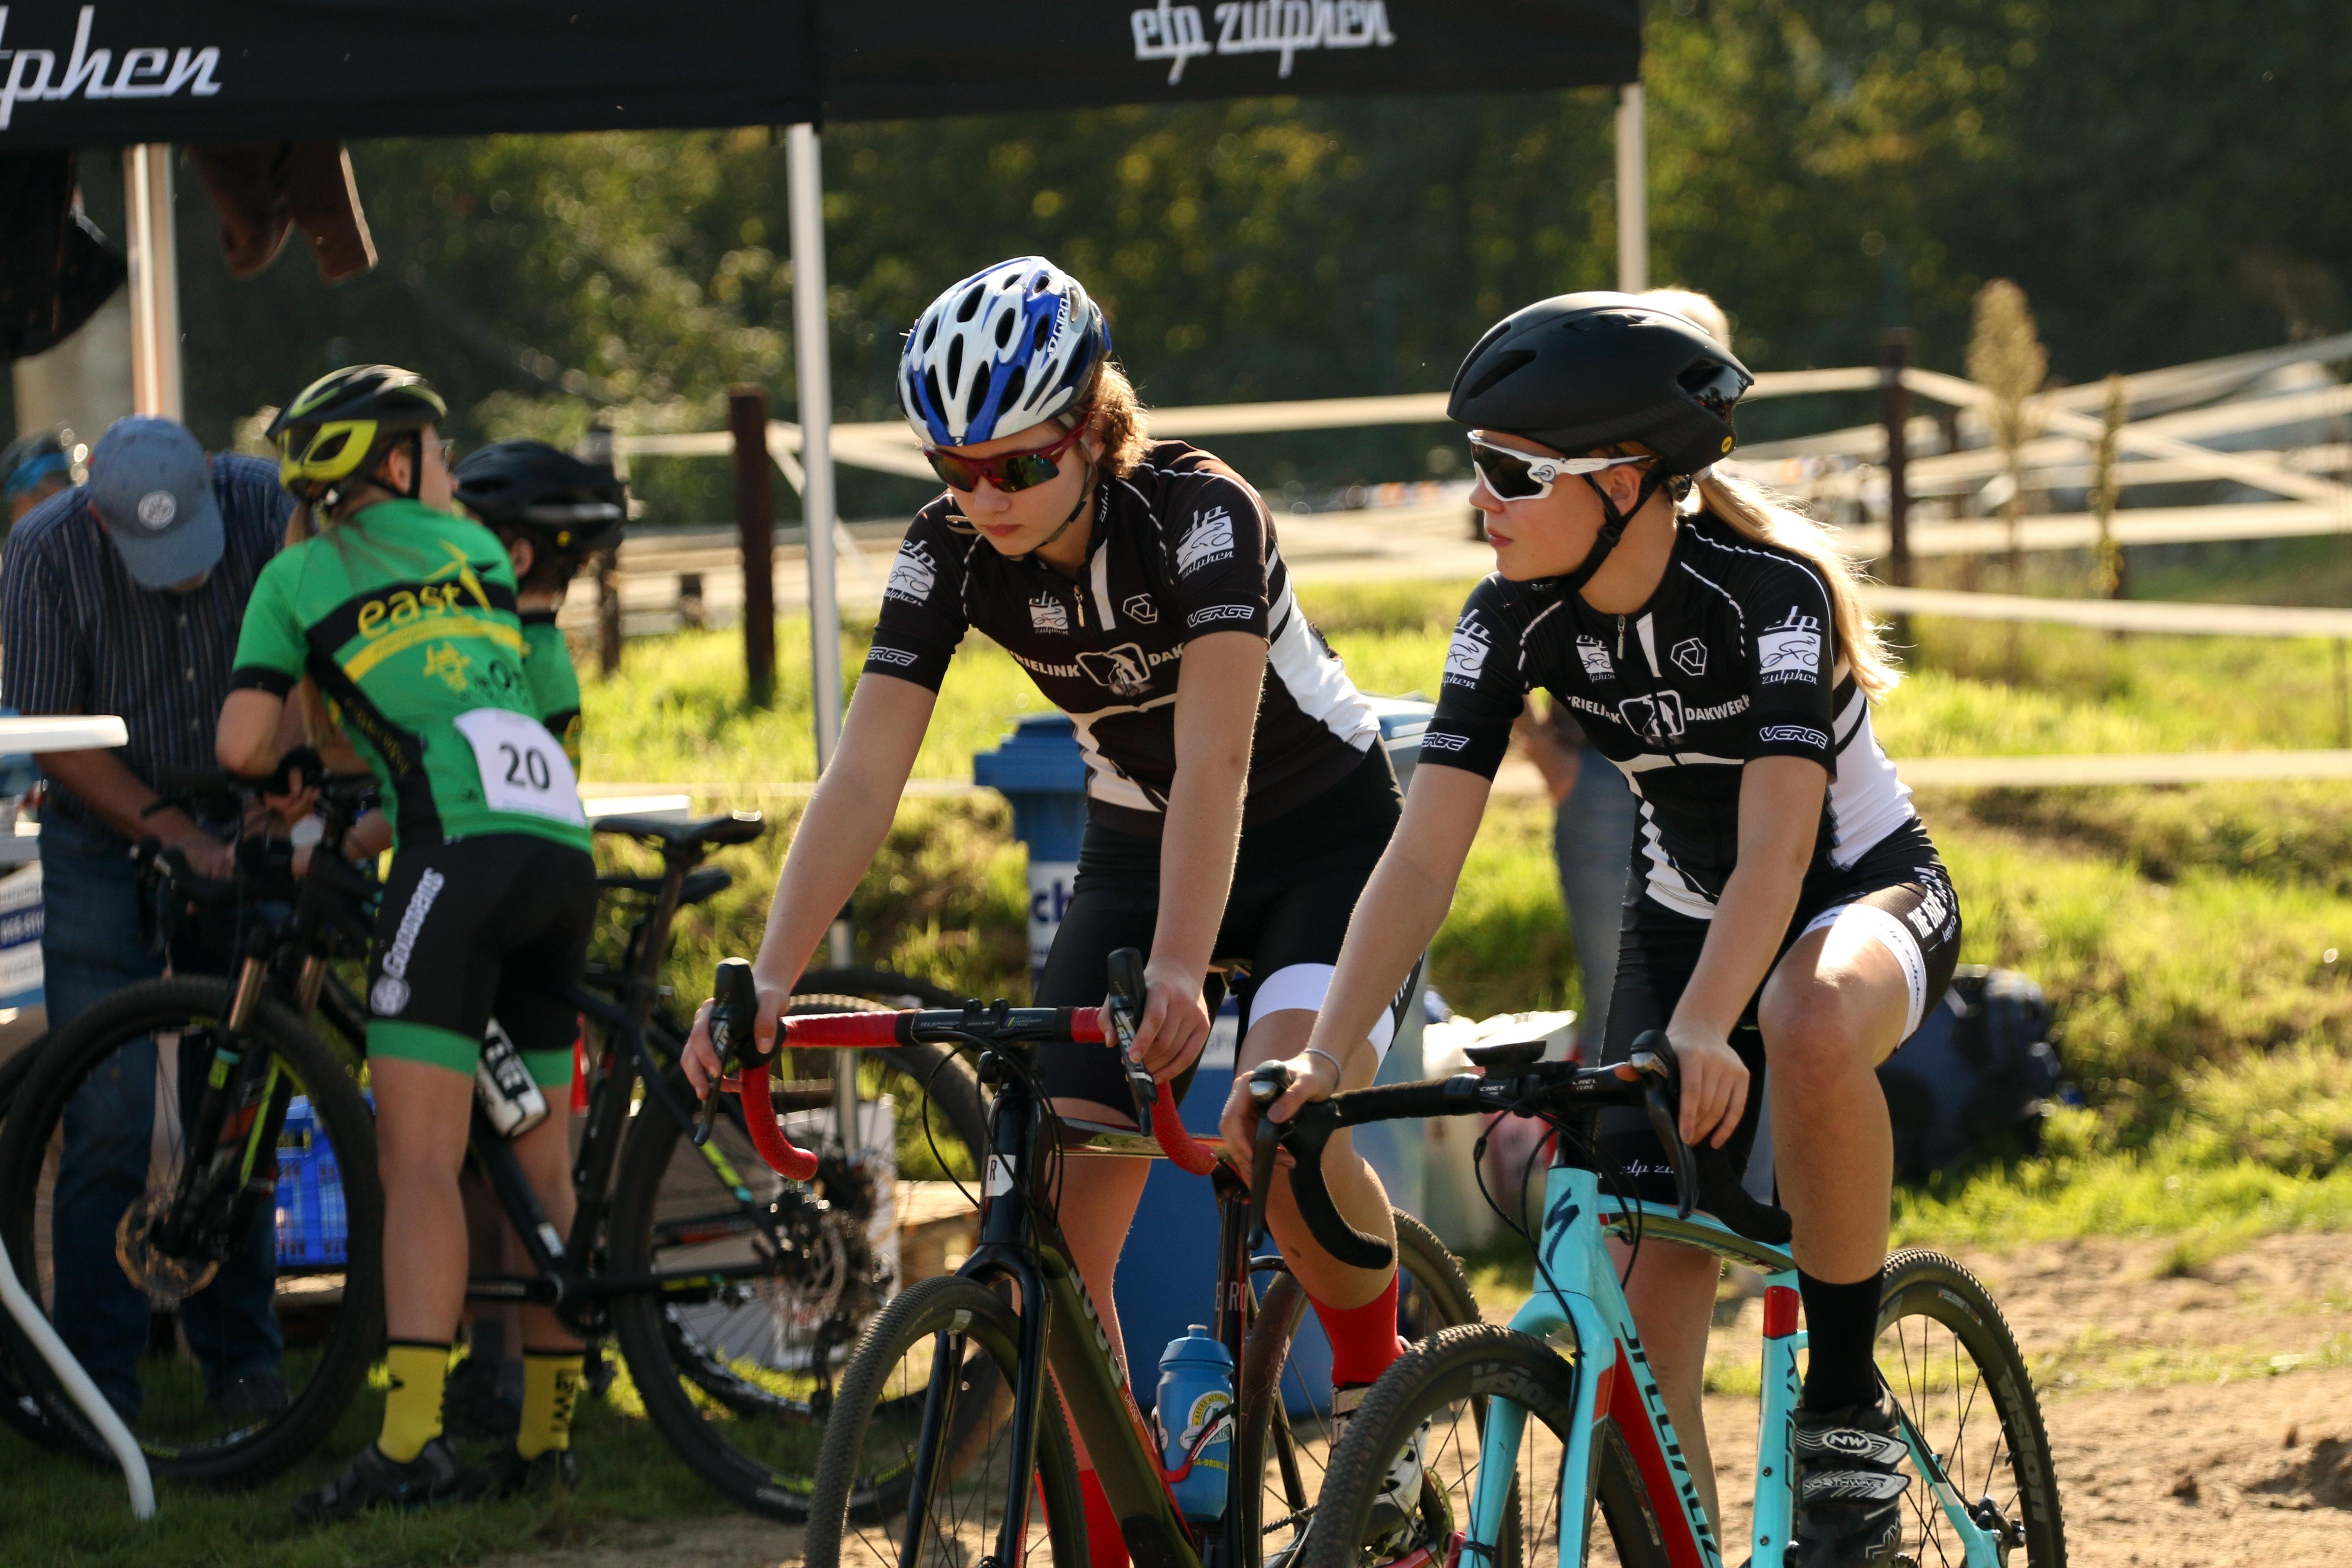 Vijf disciplines versterken elkaar bij Wielersportvereniging ETP Zutphen